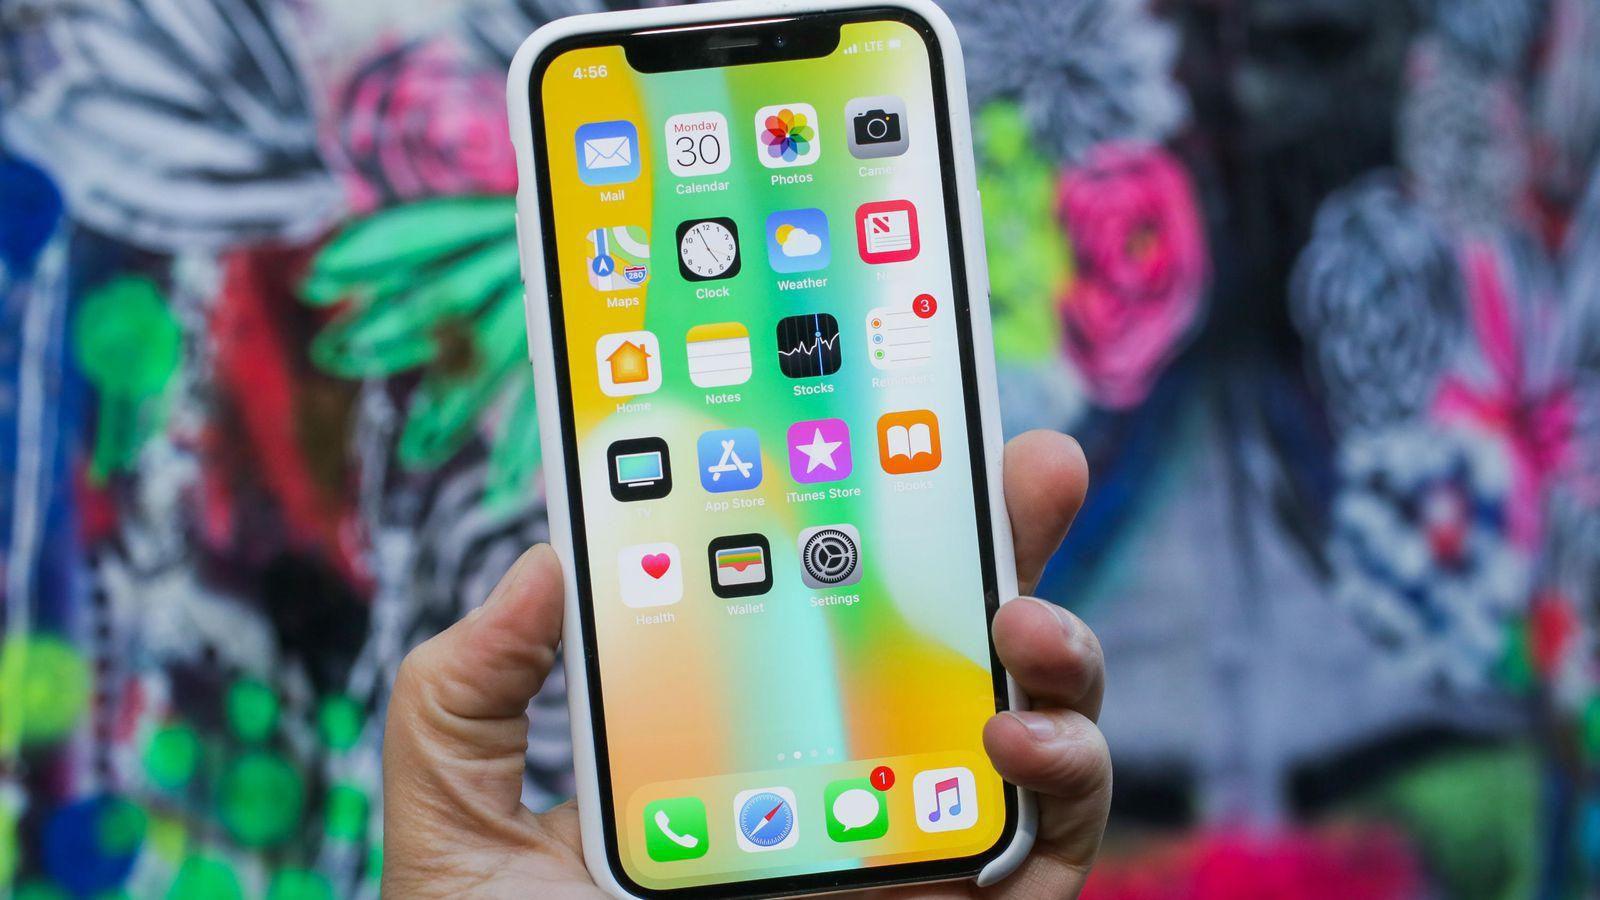 Cầu thủ bóng đá cũng phát cuồng vì sự kiện ra mắt iPhone 2018 - Ảnh 1.